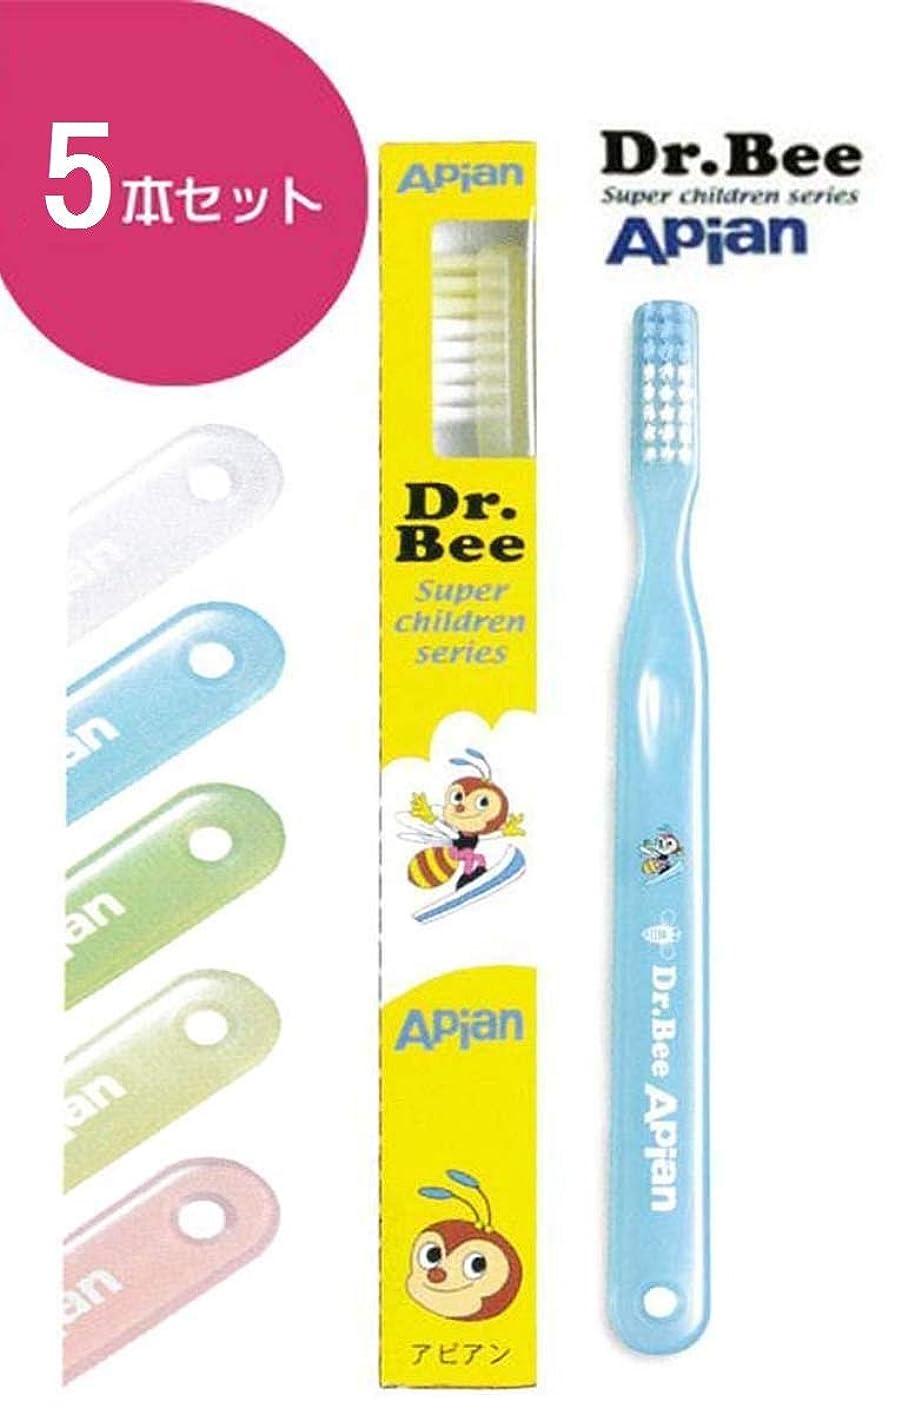 ジョグ待って重力ビーブランド ドクタービー(Dr.Bee) アピアン(Apian) 5本